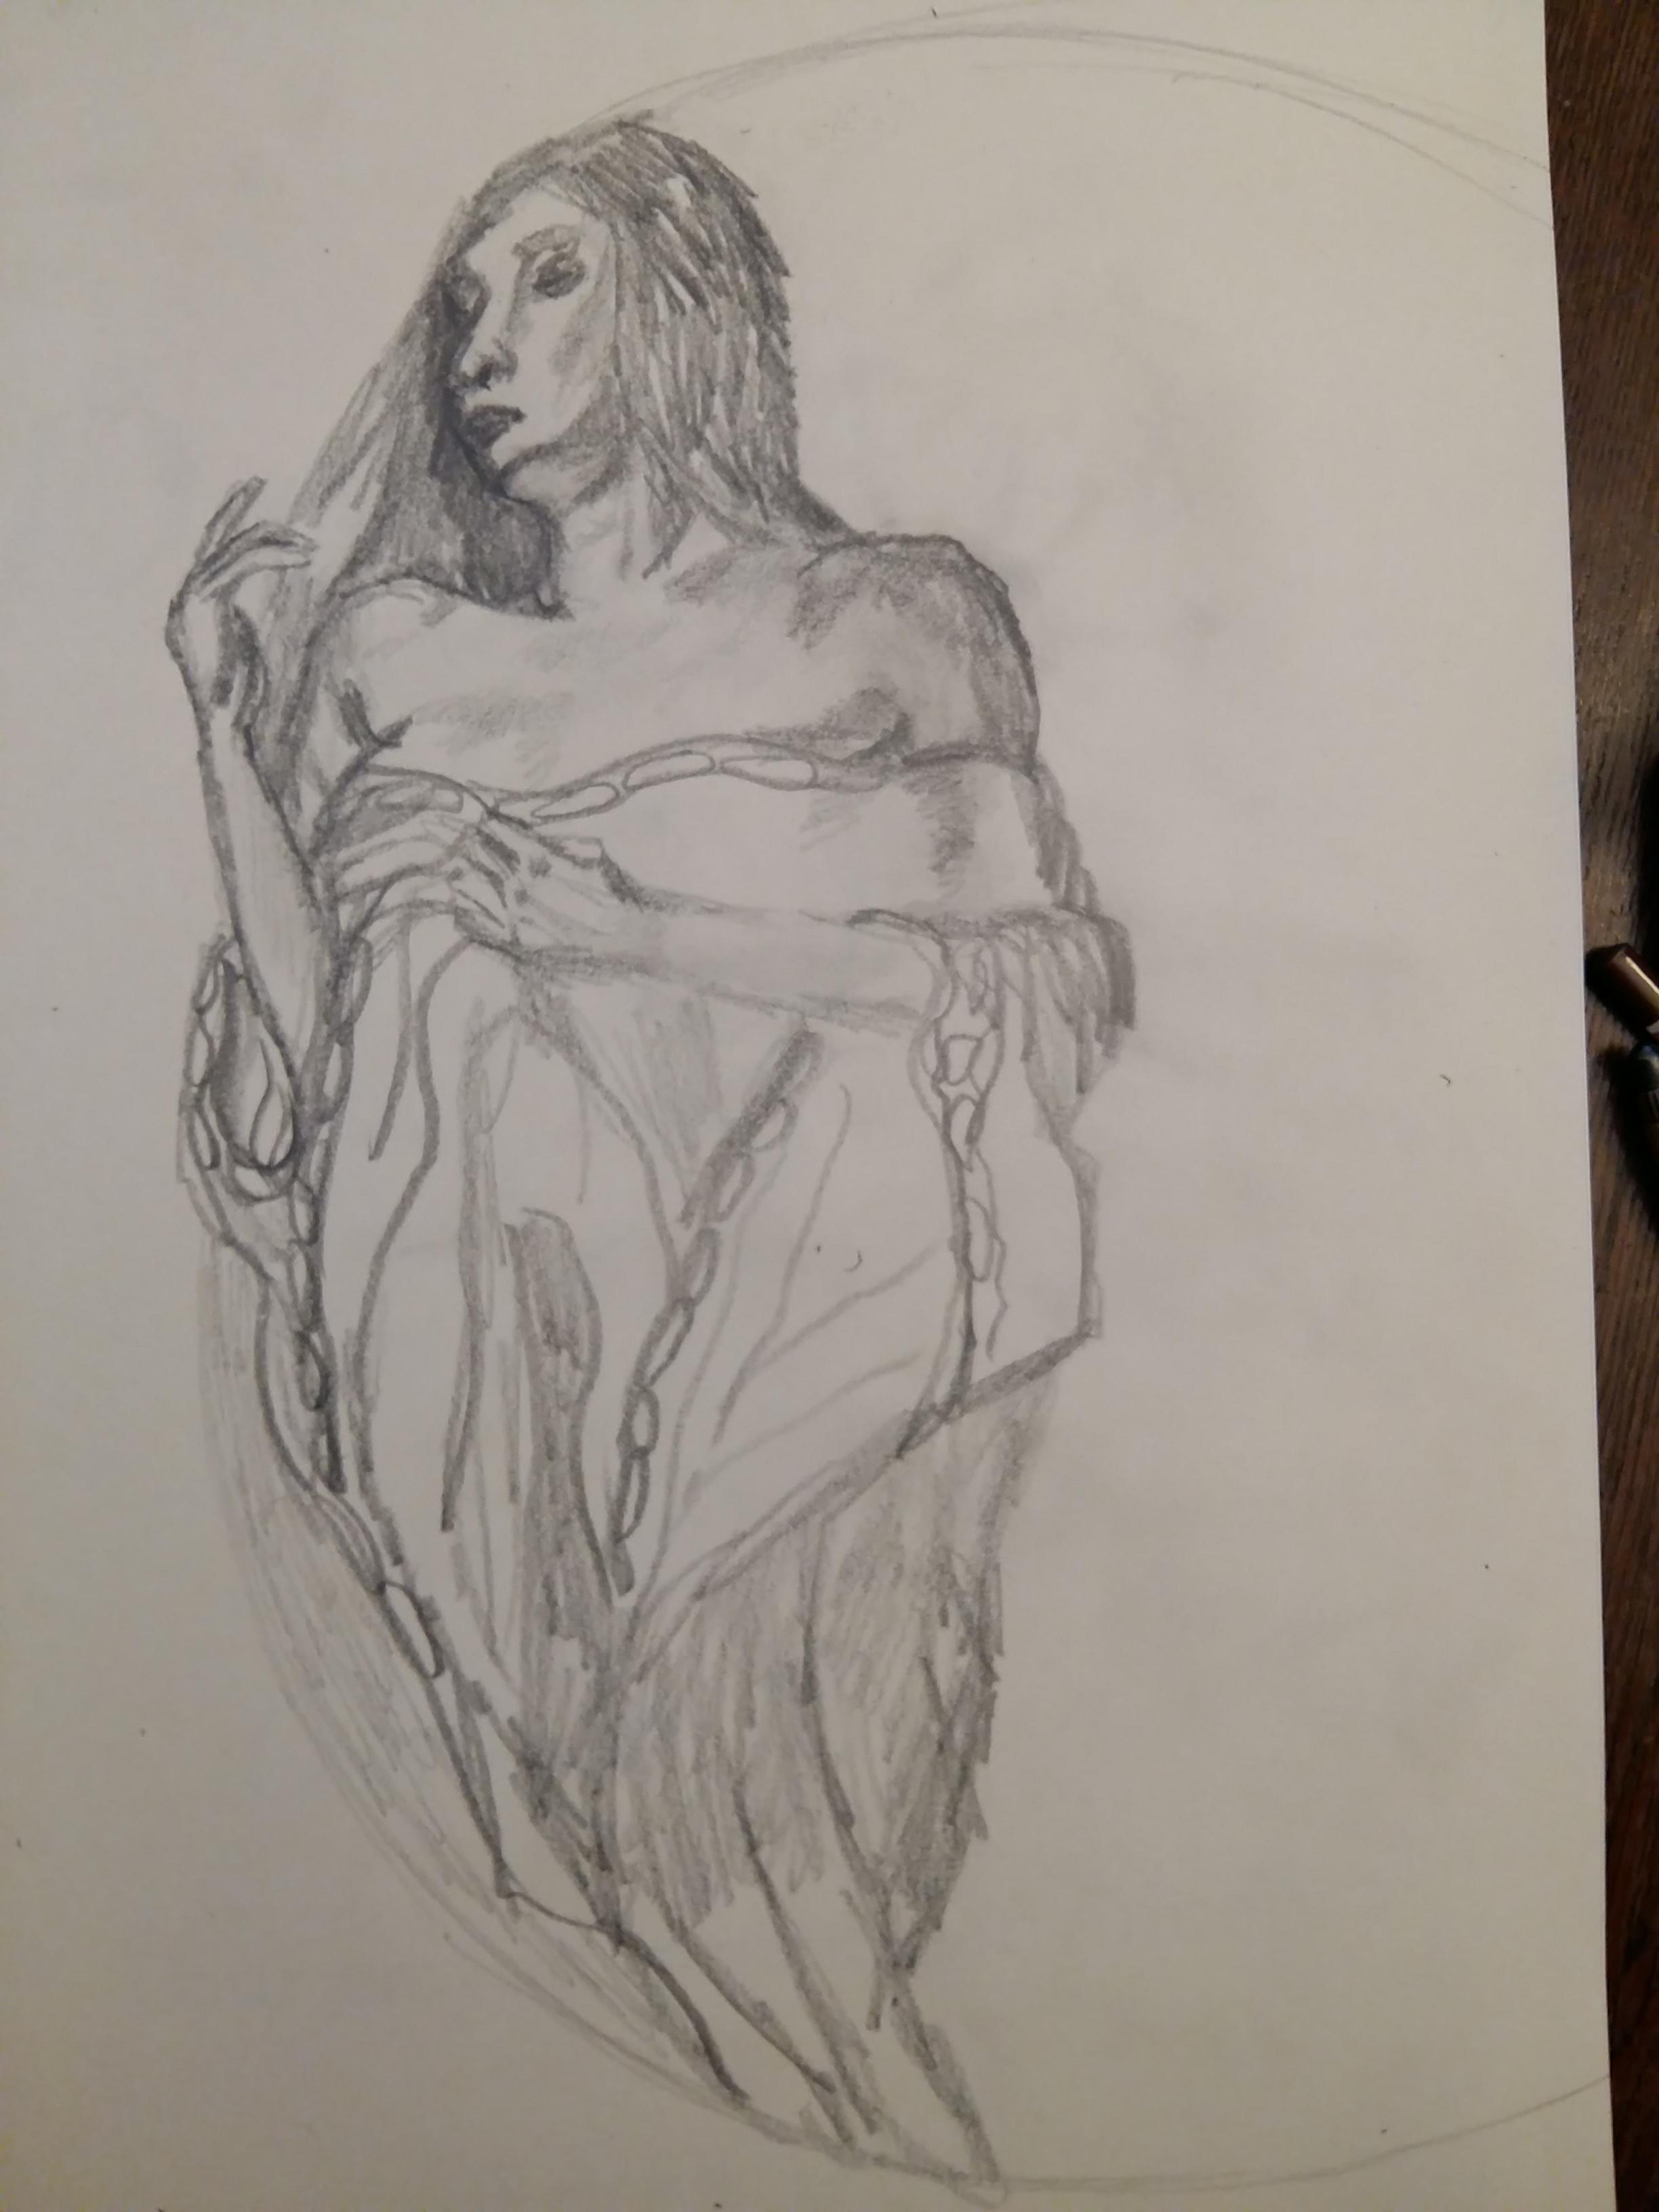 Dessin mod�le vivant femme en pied drap�e graphite sur papier  cours de dessin